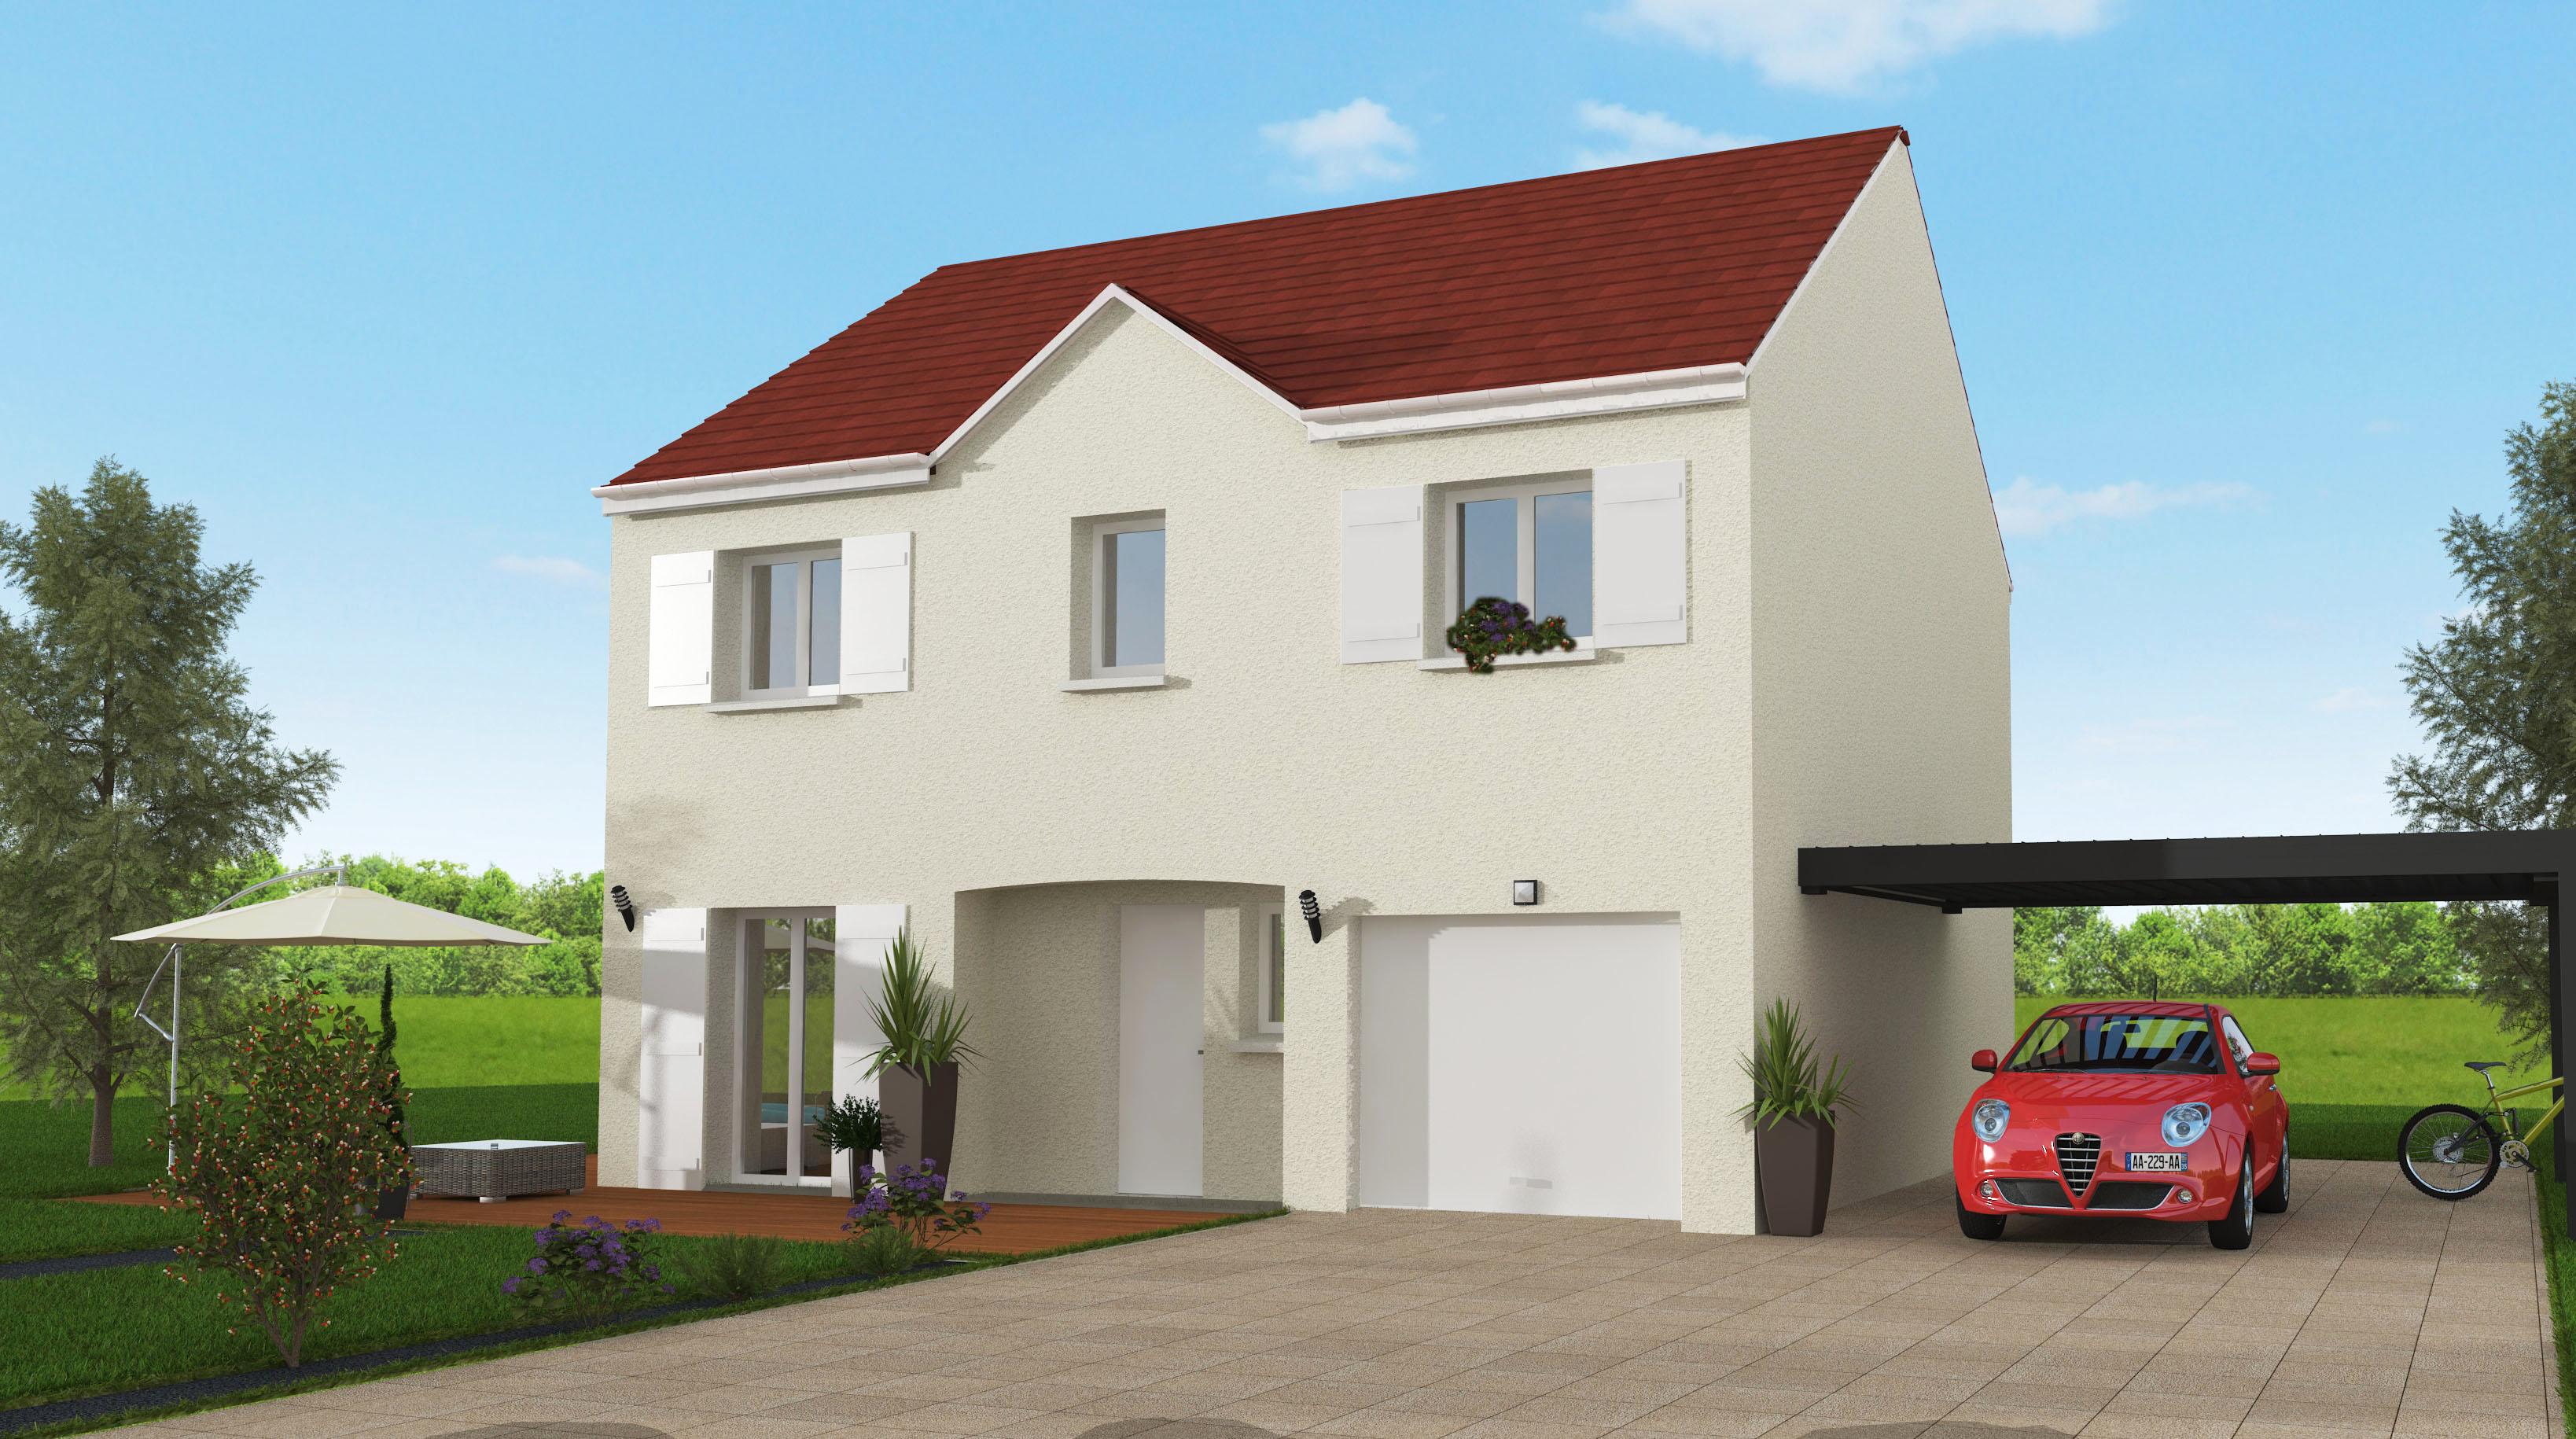 Maisons + Terrains du constructeur MAISON 7 SENS • 114 m² • CELY EN BIERE